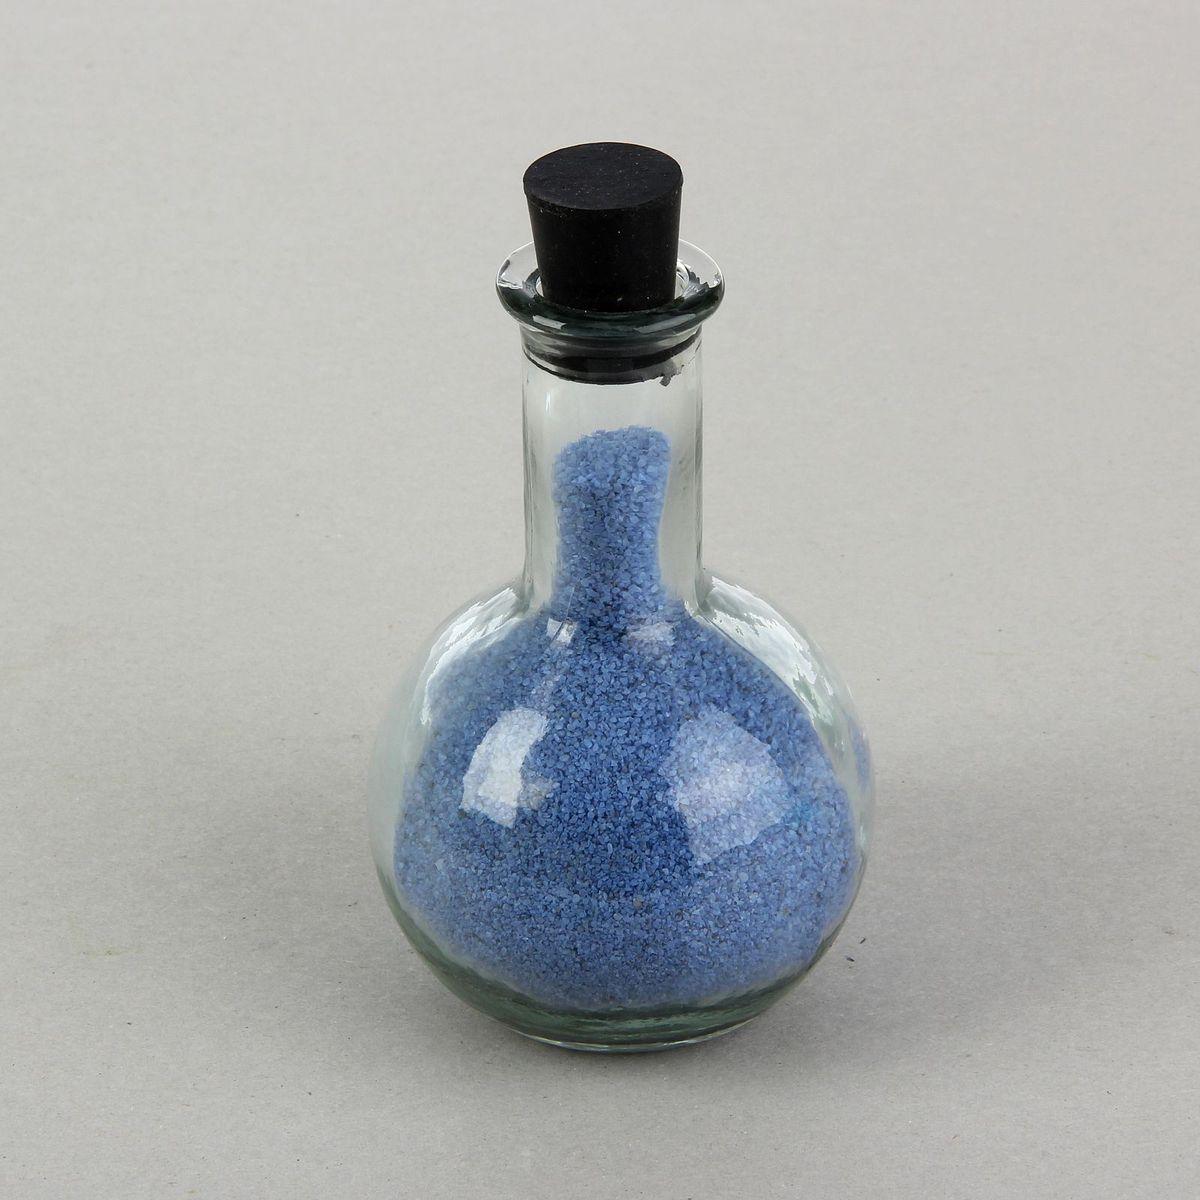 Ваза декоративная для песочной церемонии Sima-land, голубое наполнение. 12550061255006Песочная церемония — красивый и небанальный свадебный ритуал, который становится всё популярней у молодожёнов. Такая церемония может стать настоящим украшением вашей свадьбы. Её суть заключается в том, что молодожёны засыпают песок двух цветов в красивый сосуд — это символизирует соединение двух жизней в единое целое. Вам понадобится песок двух цветов: один цвет предназначен для жениха, второй — для невесты. Также подберите подходящие по форме сосуды (узкие и вытянутые), из которых вы будете засыпать песок в большой, общий сосуд вашей любви. Если жених и невеста будут засыпать песок по очереди, с небольшими интервалами, то он сформирует красивый узор, где полоса песка мужского цвета будет чередоваться с полосой женского цвета. Можно засыпать песок одновременно — в этом случае узор получится специфичным, непредсказуемым, характеризуя ваши уникальные чувства. В заключение, когда большой сосуд окажется заполненным, ведущий торжества должен объявить:...